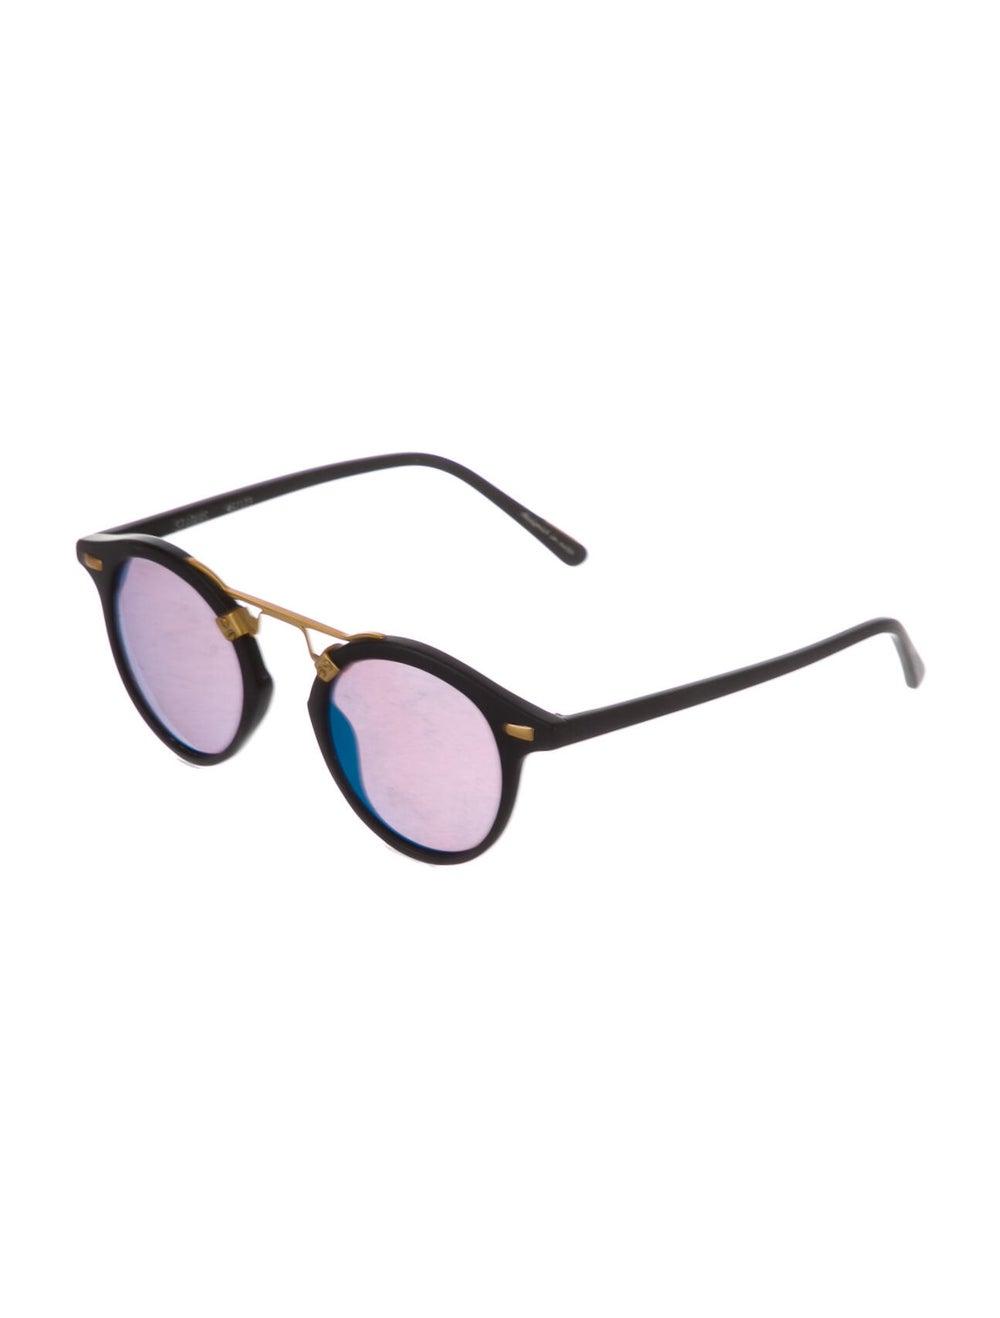 Krewe Mirrored Round Sunglasses Gold - image 2